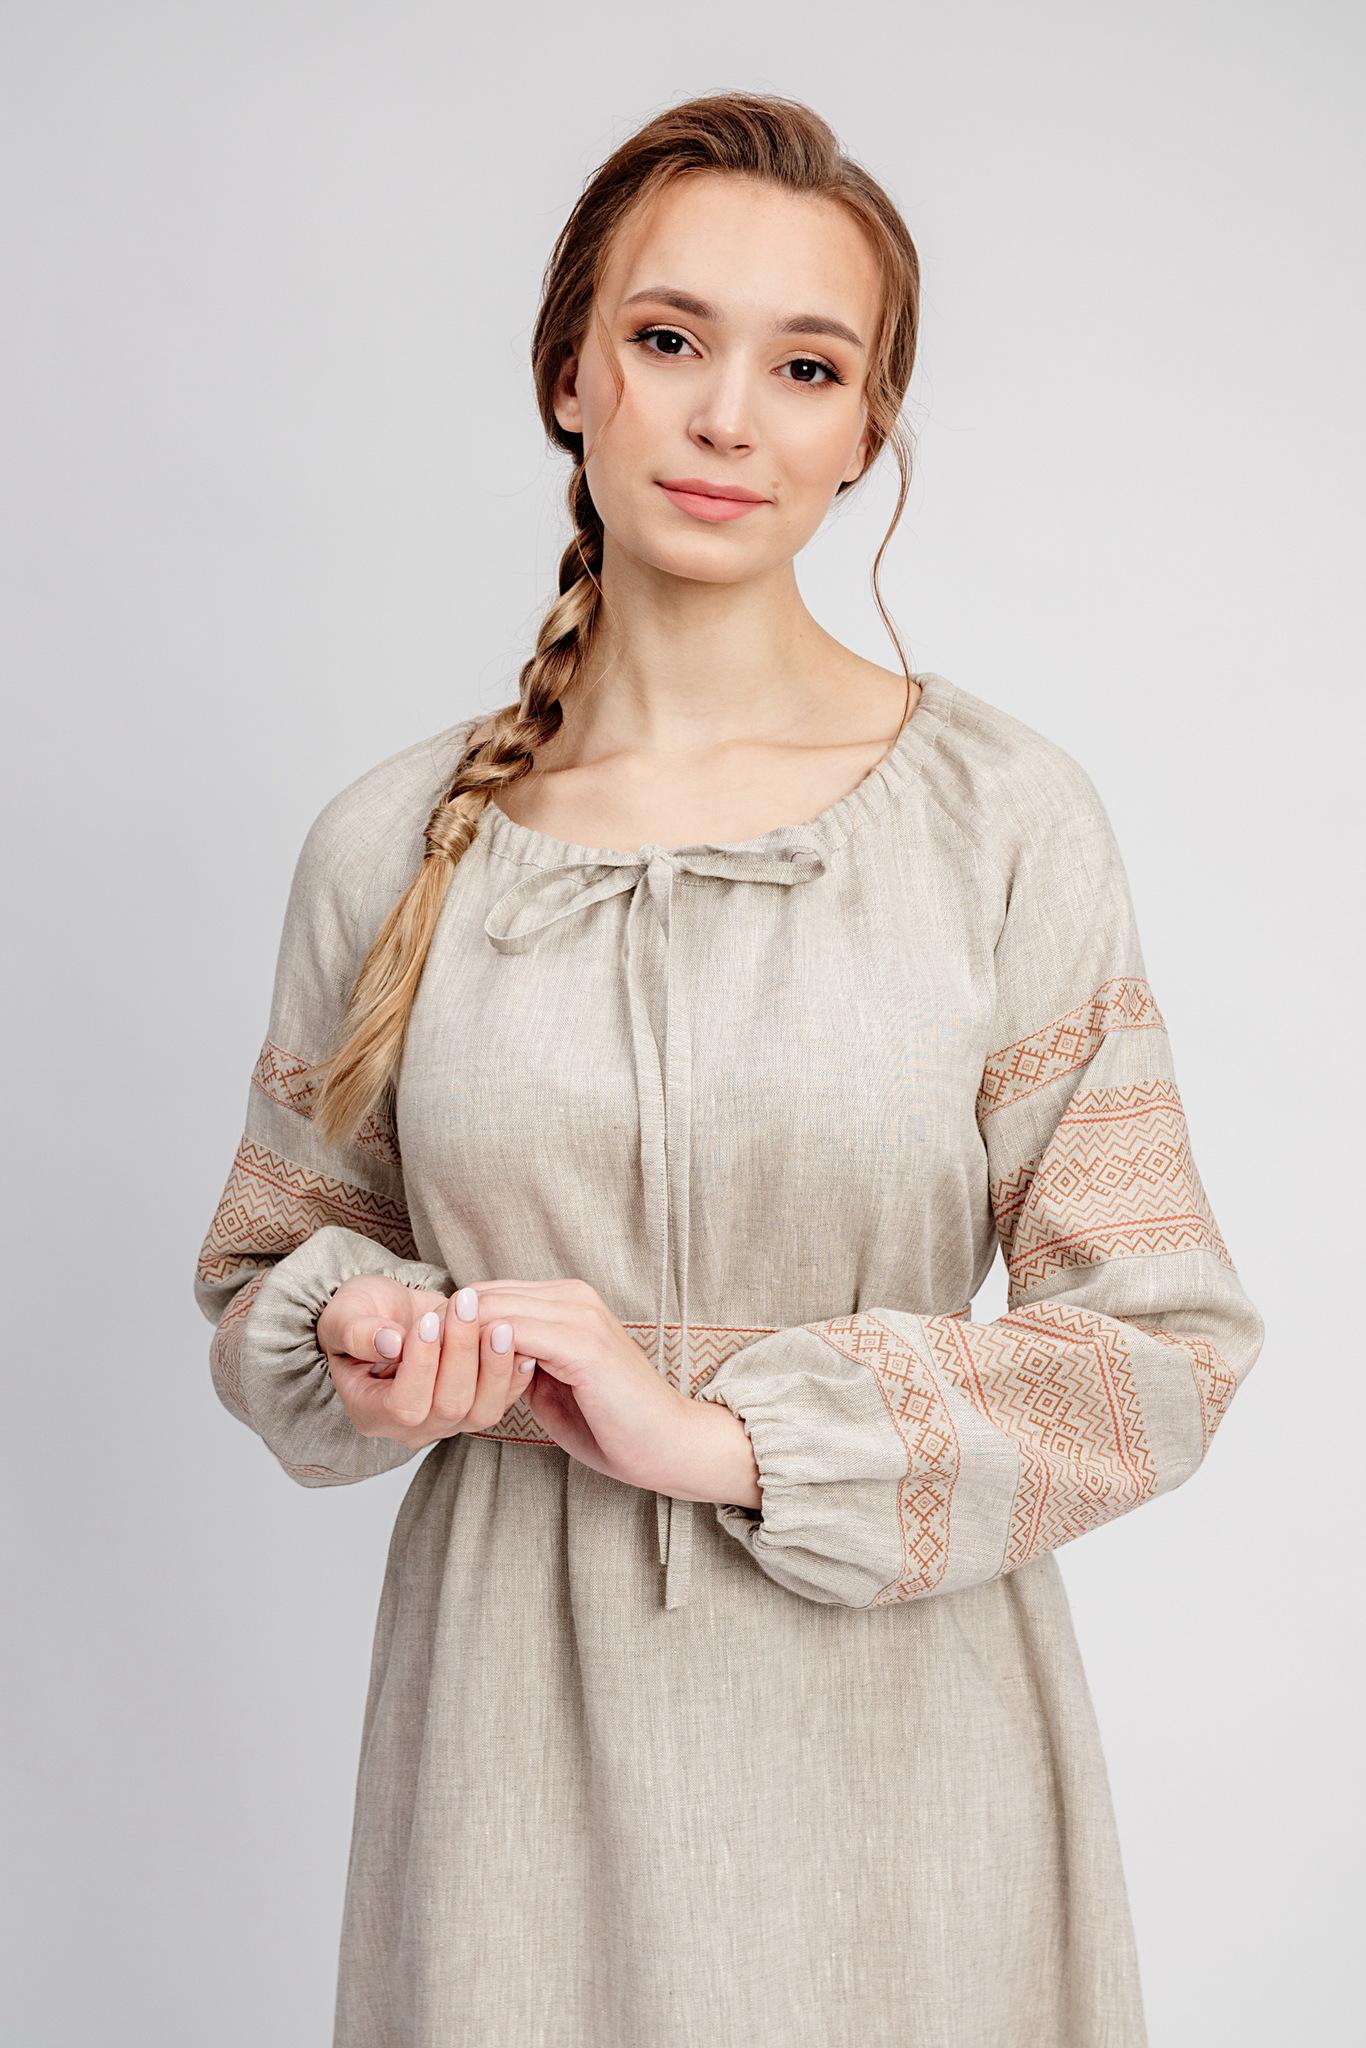 Русское народное платье с поясом Лада